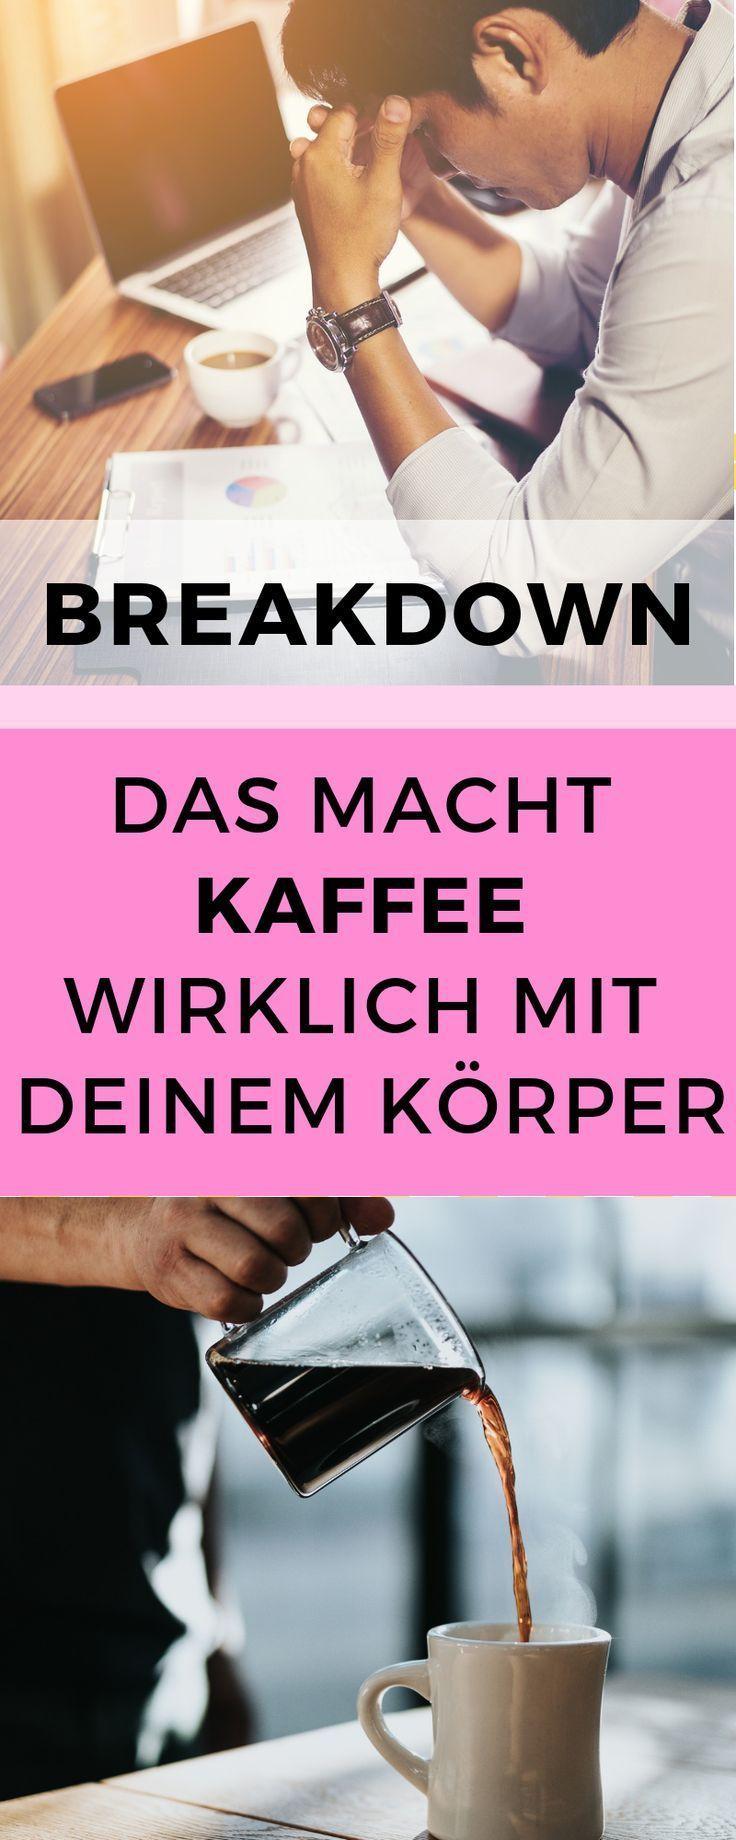 Das passiert, wenn du Kaffee trinkst! Kaffee Gesundheit, Kaffee ungesund, Kaffee ...   - Fitness Lif...